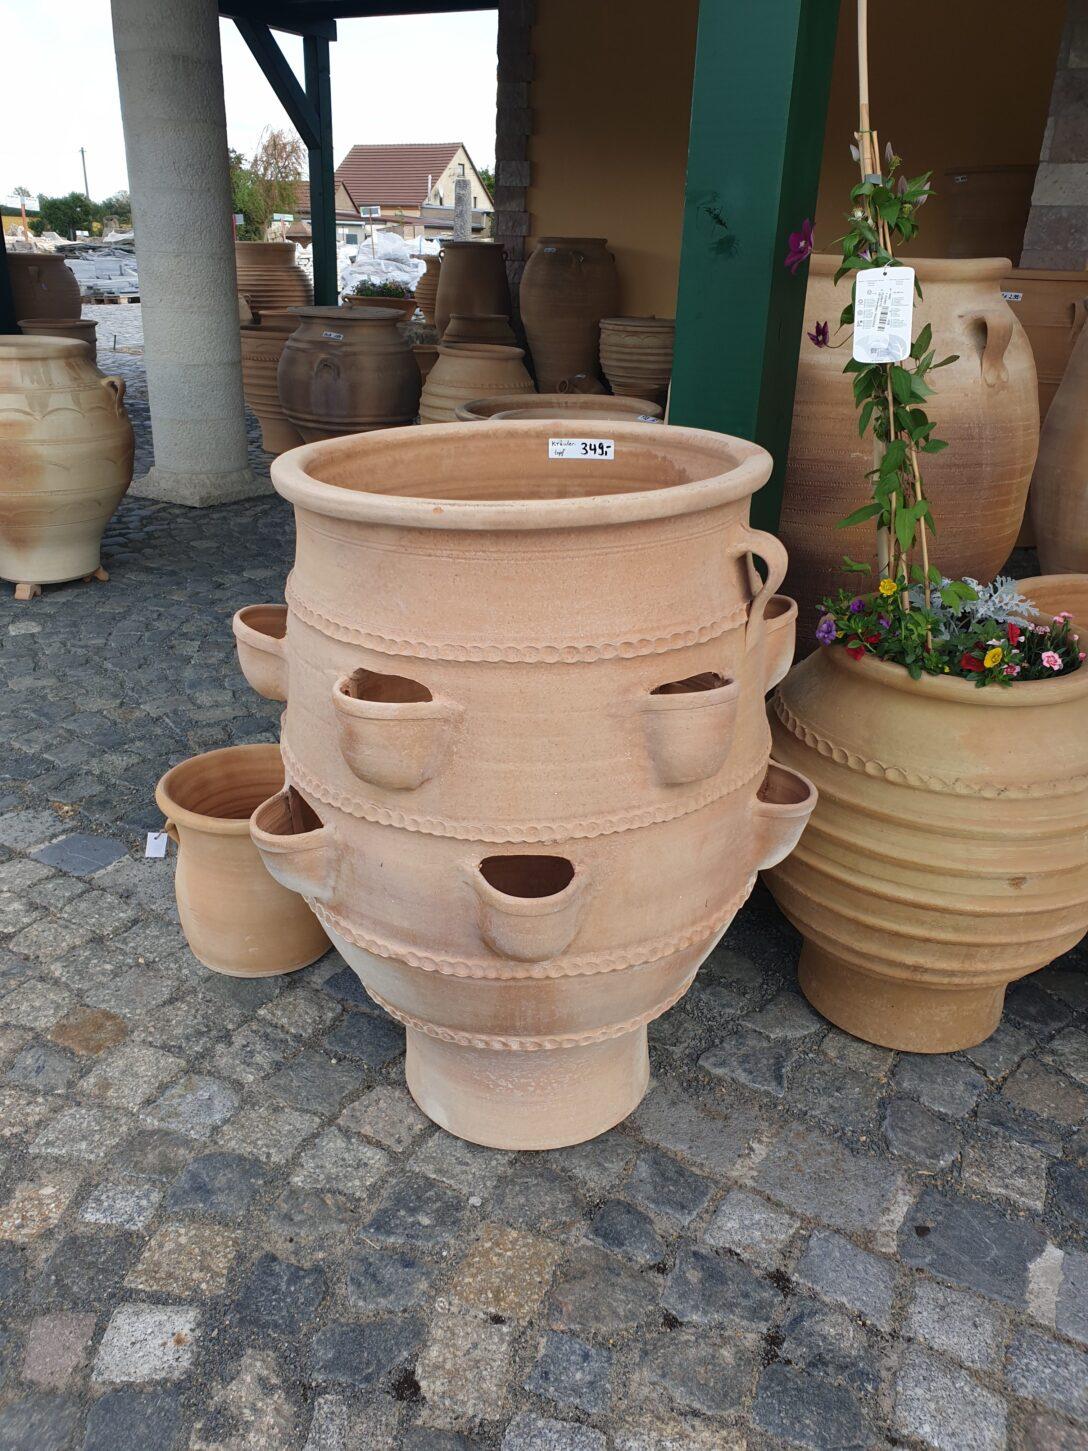 Large Size of Kräutertopf Keramik Krutertopf Pflanztopf Naturstein Centrum Lpm Waschbecken Küche Wohnzimmer Kräutertopf Keramik